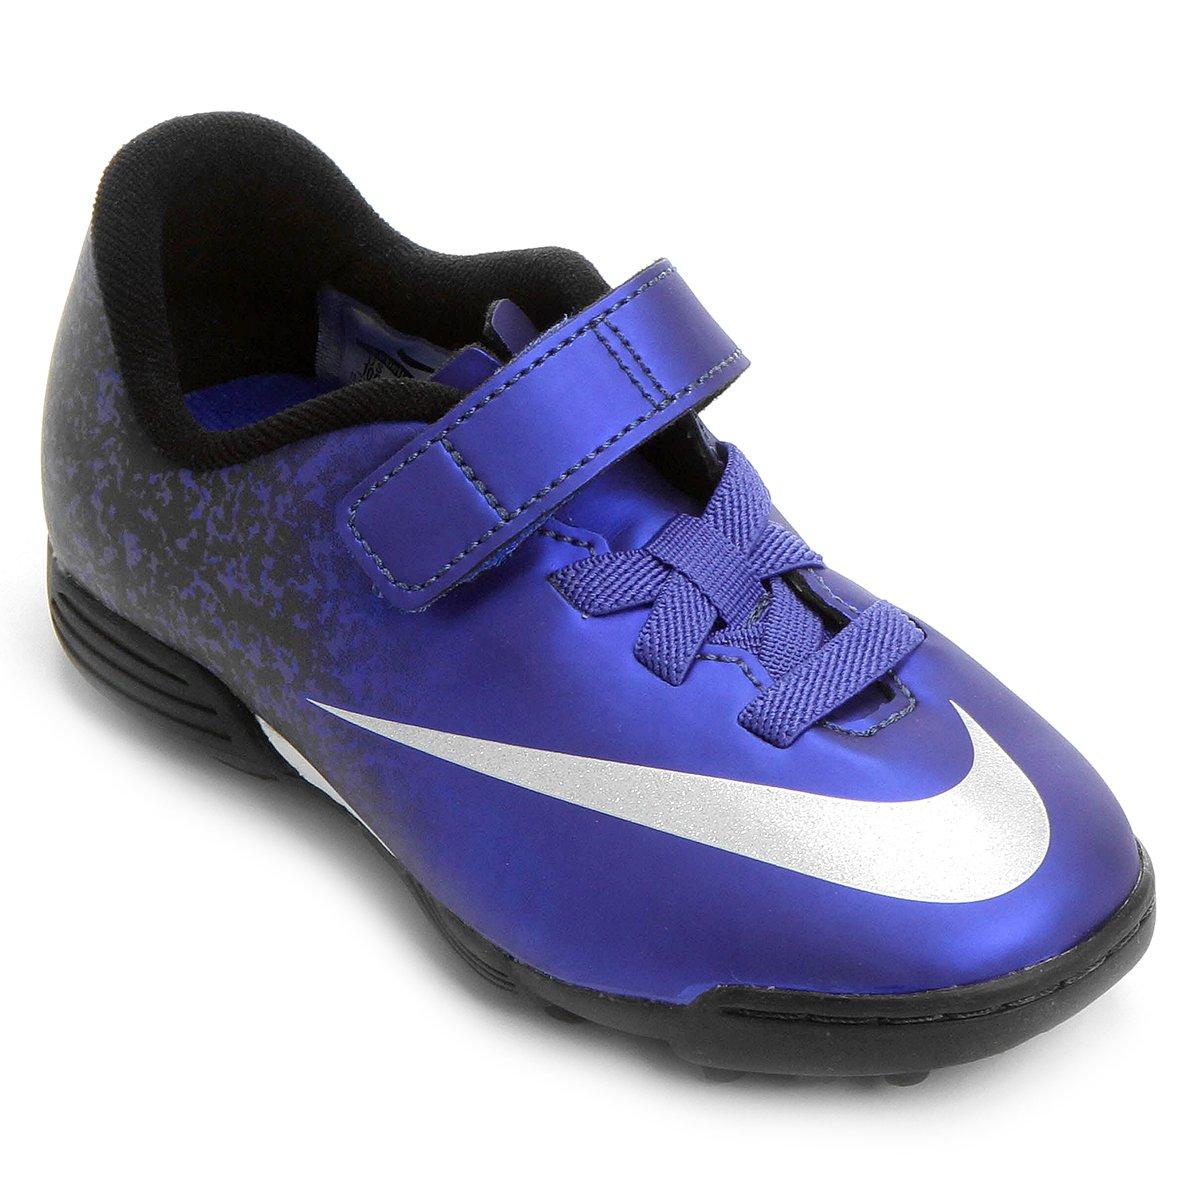 Chuteira Nike Mercurial Vortex 2 (V) CR7 TF Society Infantil - Compre Agora   0d4777f477040